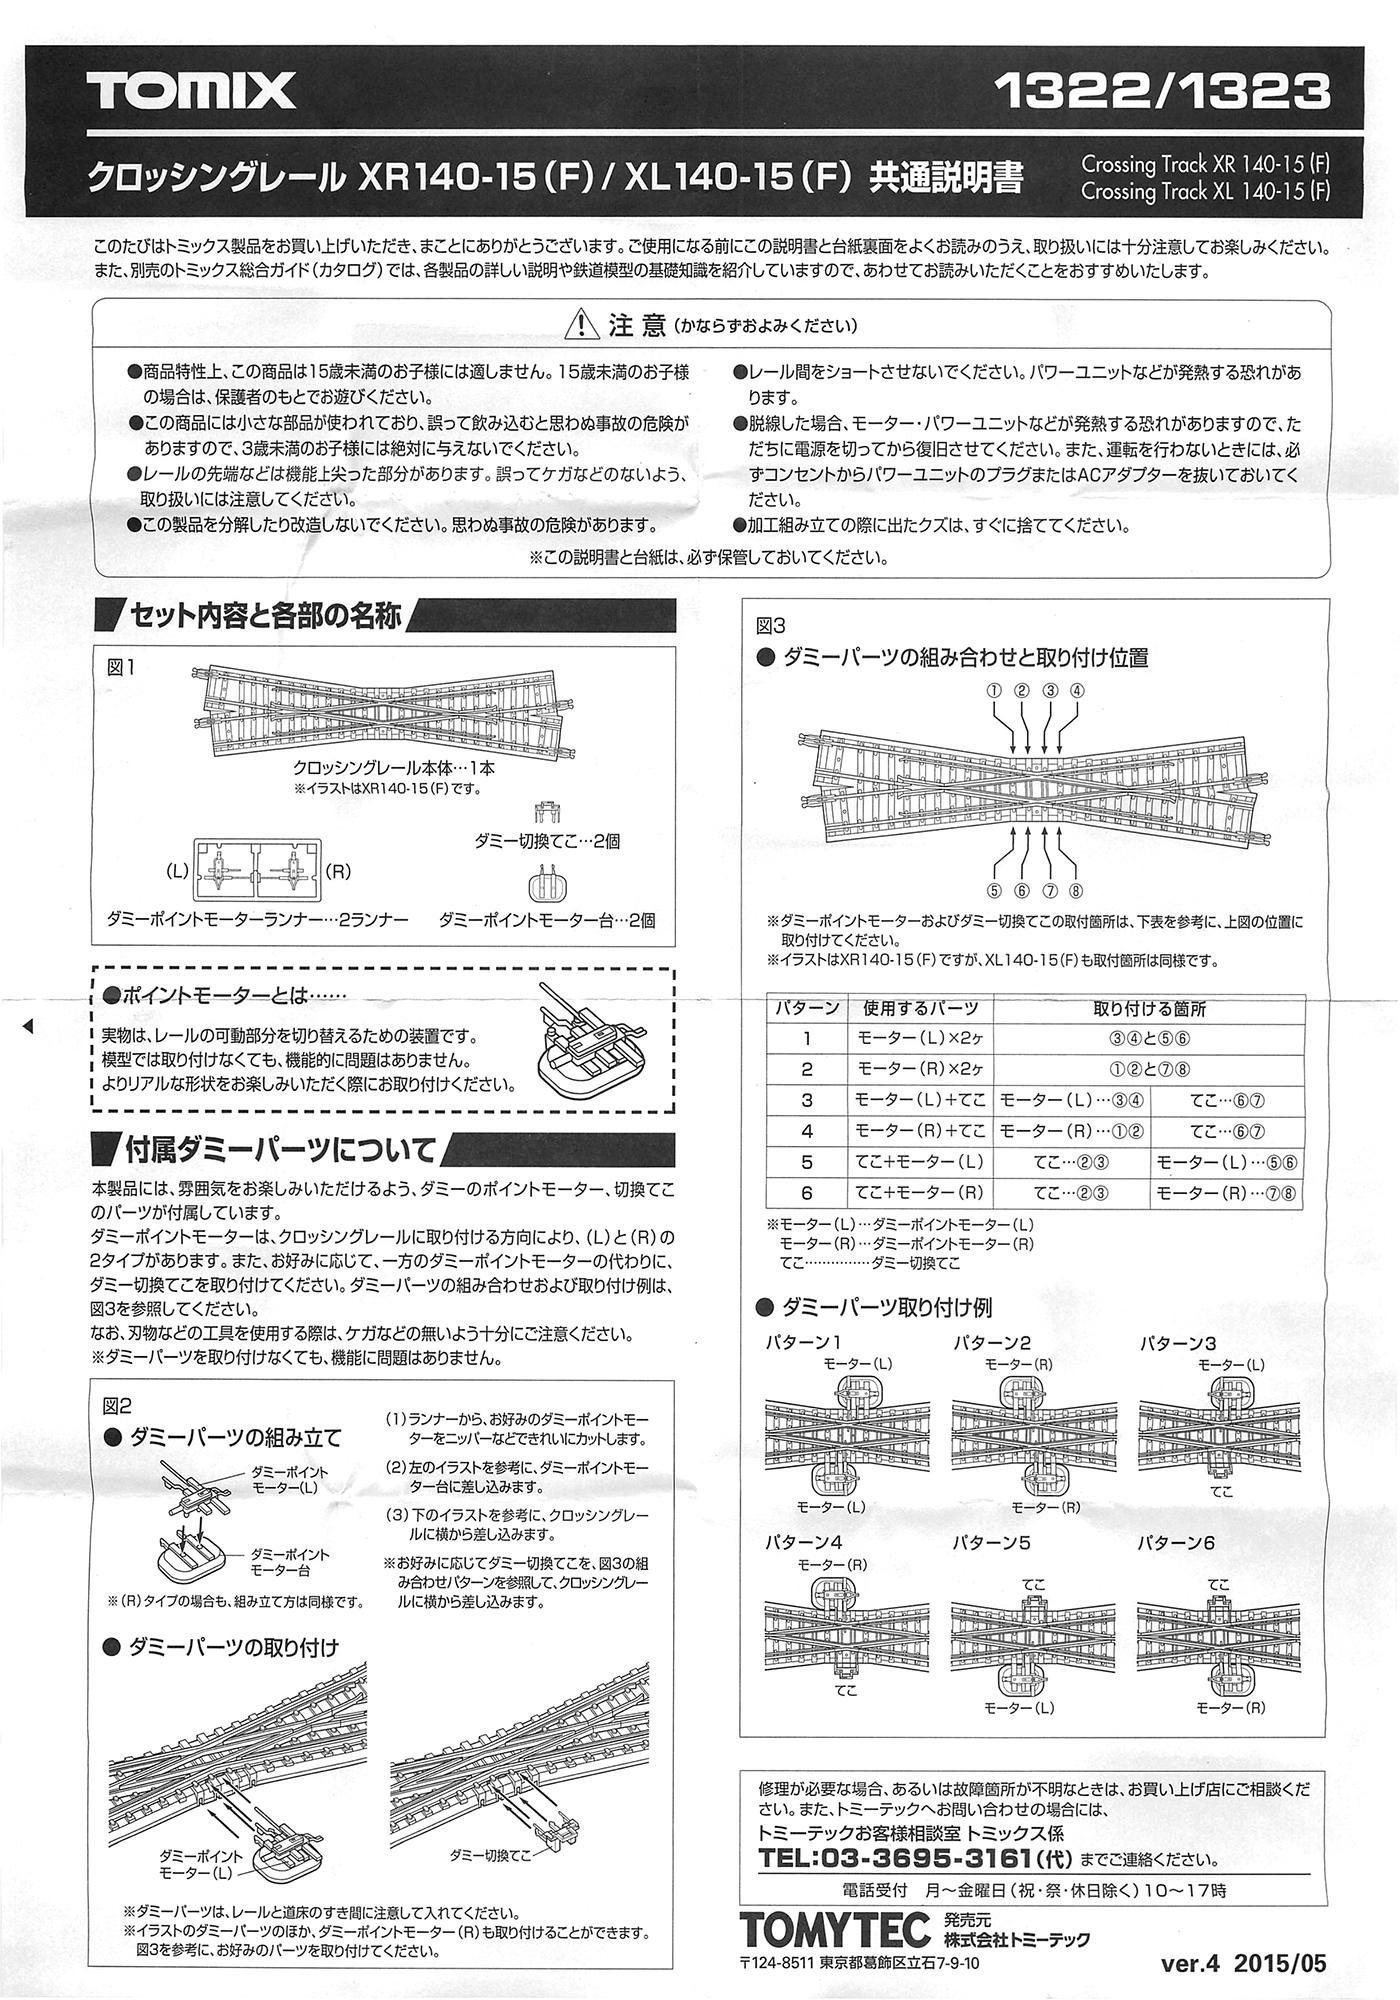 クロッシングレールレール XR140-15(F)/XL140-15 共通説明書